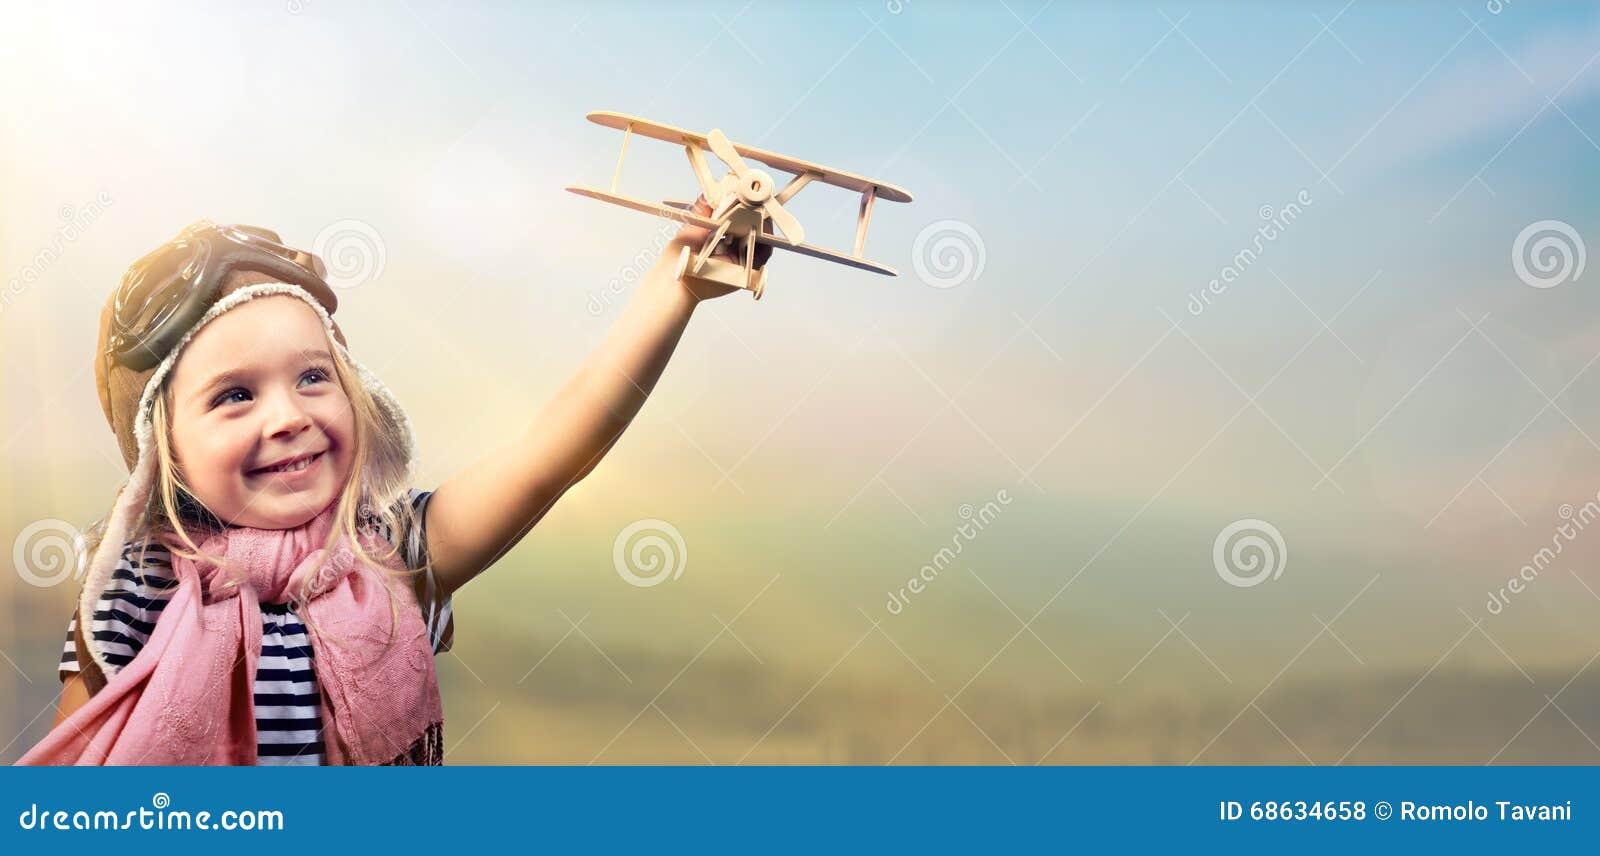 Libertad al sueño - niño alegre que juega con el aeroplano